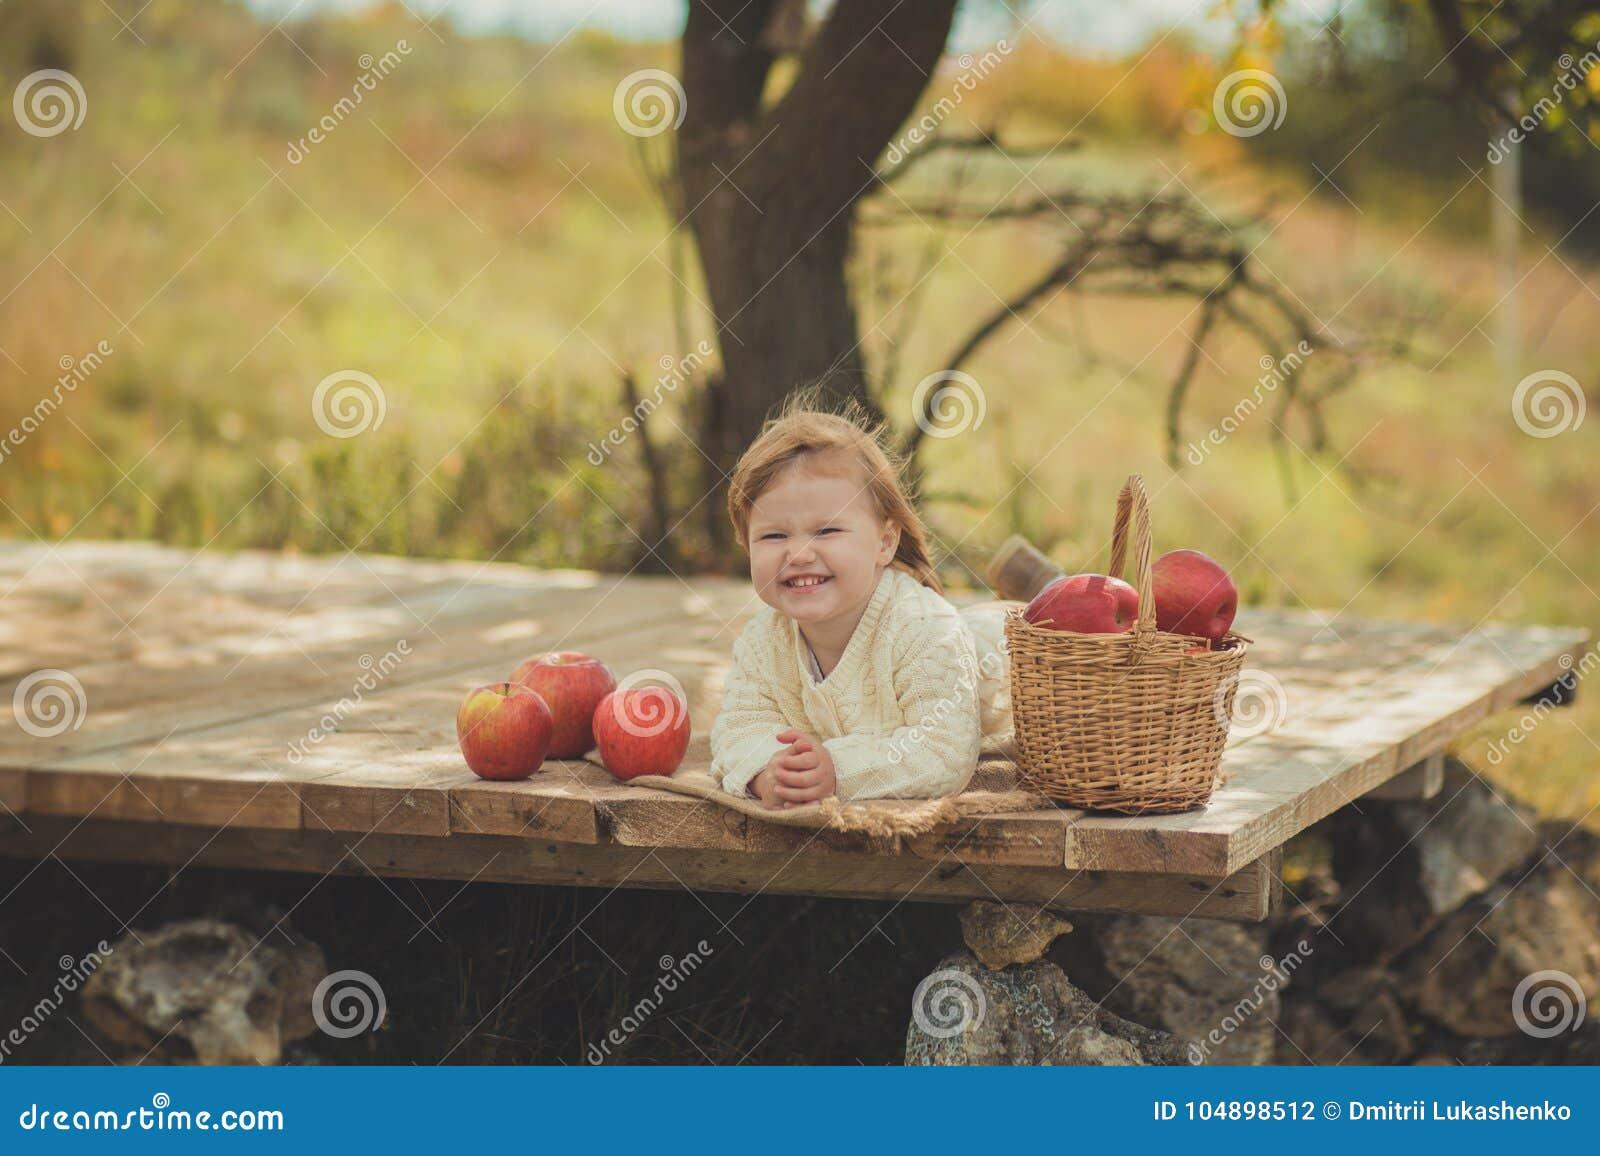 Urocza ładna dziewczynka jest ubranym z kości słoniowej colour białego pulower z blond czerwonym włosy cieszy się życie czas w mi